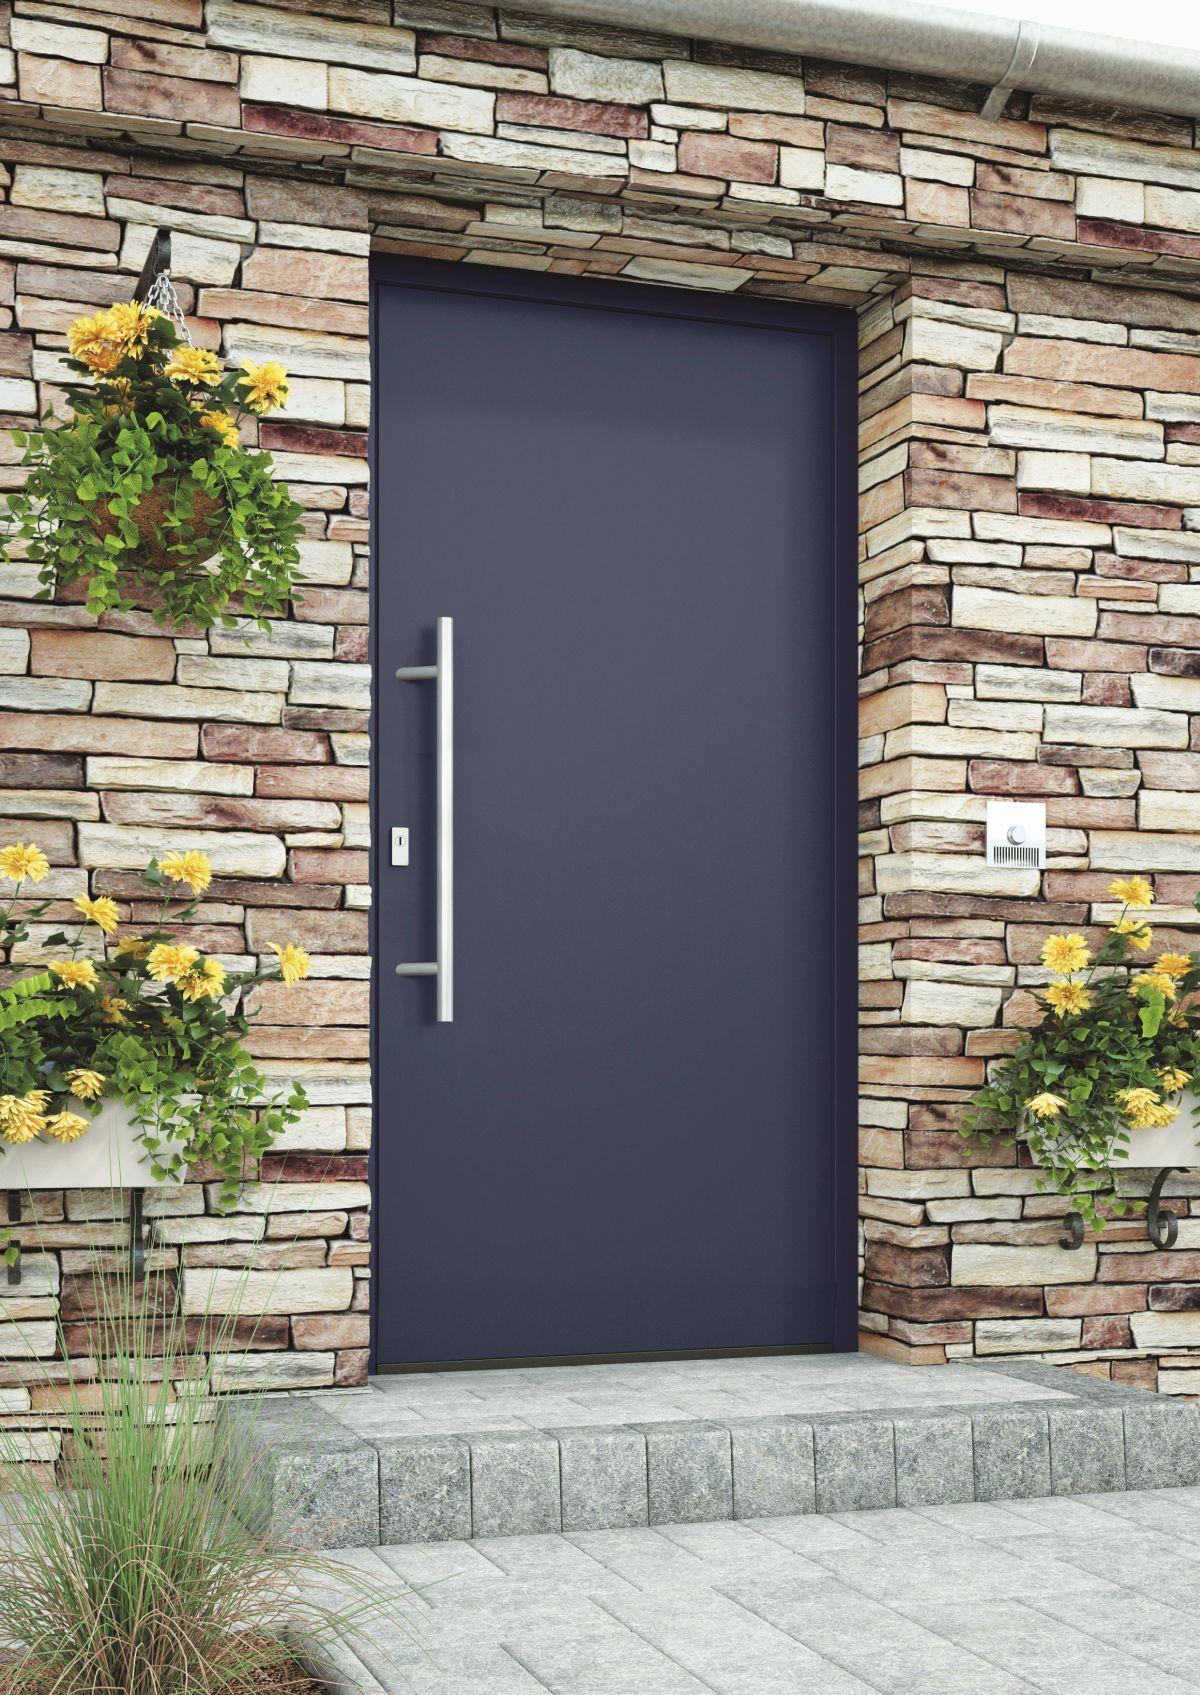 Vchodové dveře a jejich možnosti zabezpečení slide 1